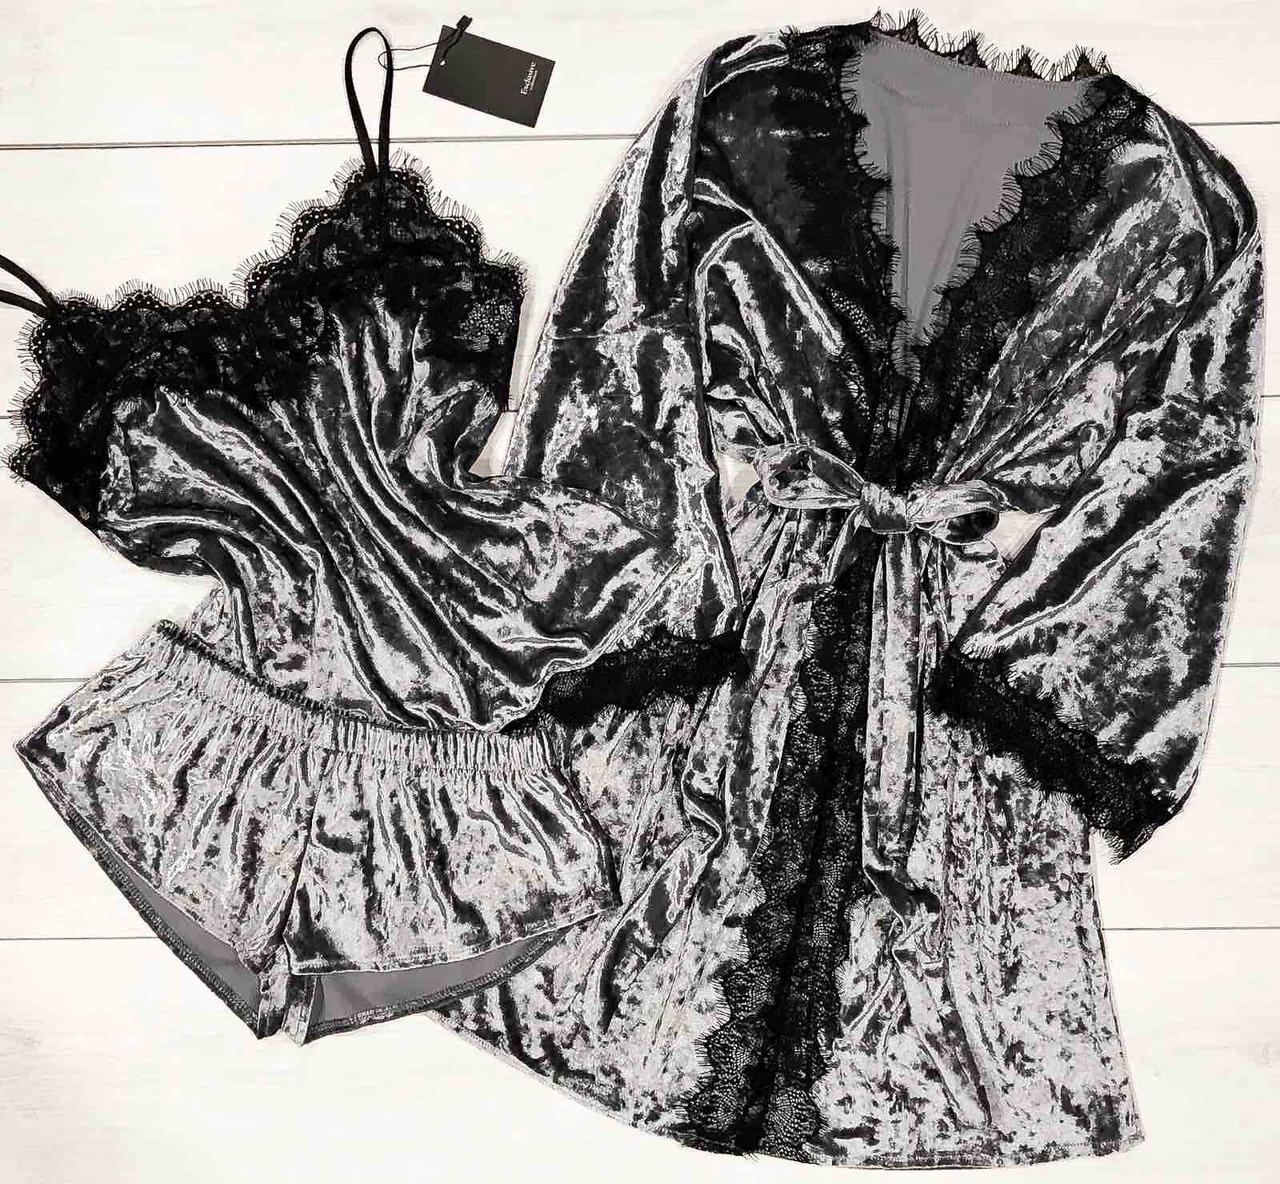 Піжама і халат з мереживом Велюрова жіночий одяг для дому та відпочинку